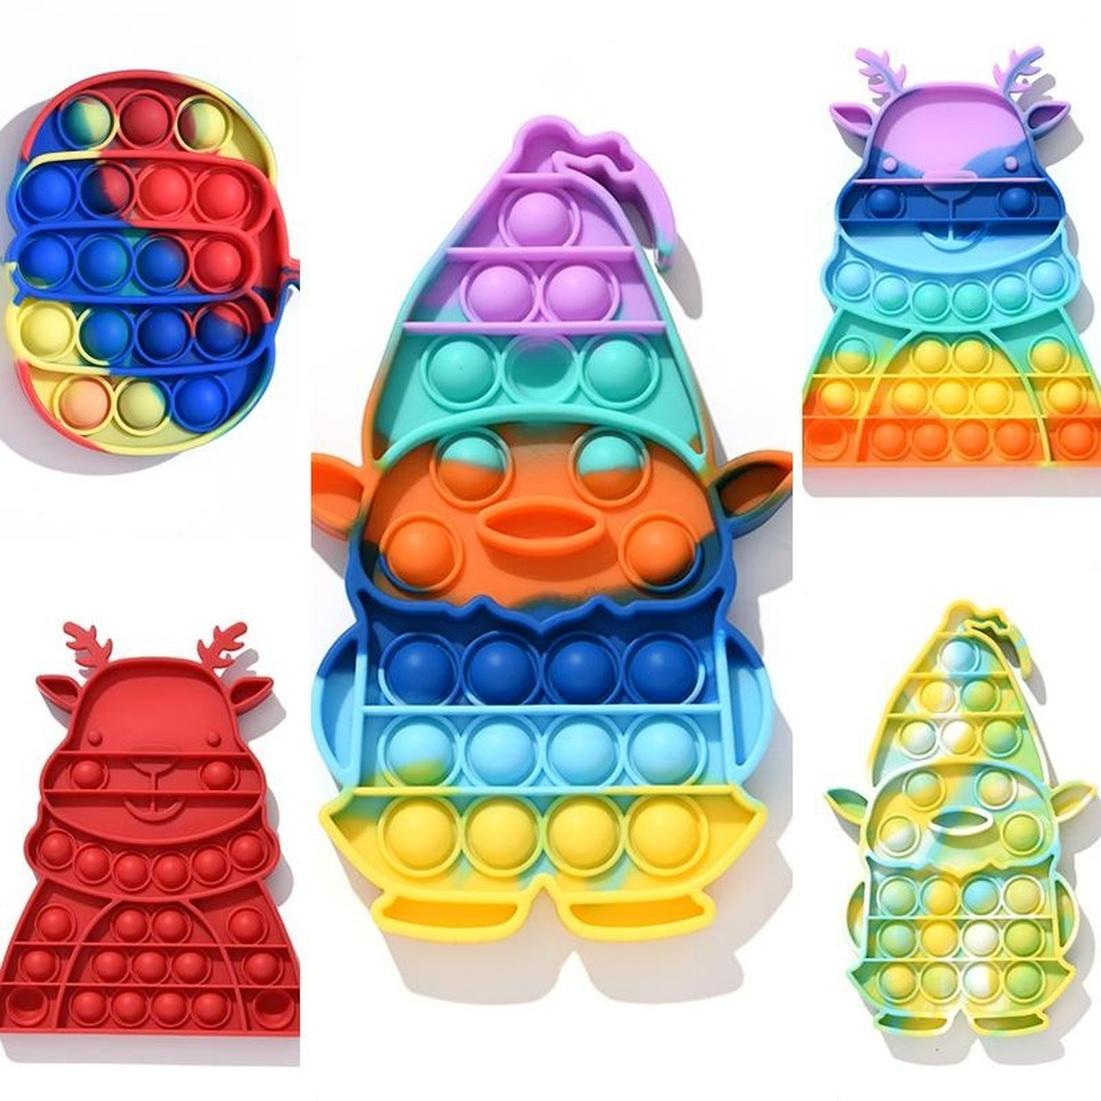 Didget игрушки детские образовательные толчок пузырь сенсорный игрушка радуга галстур-краситель стресс с рельефной игрой тревога рождественские хэллоуин тыквенная лось узор